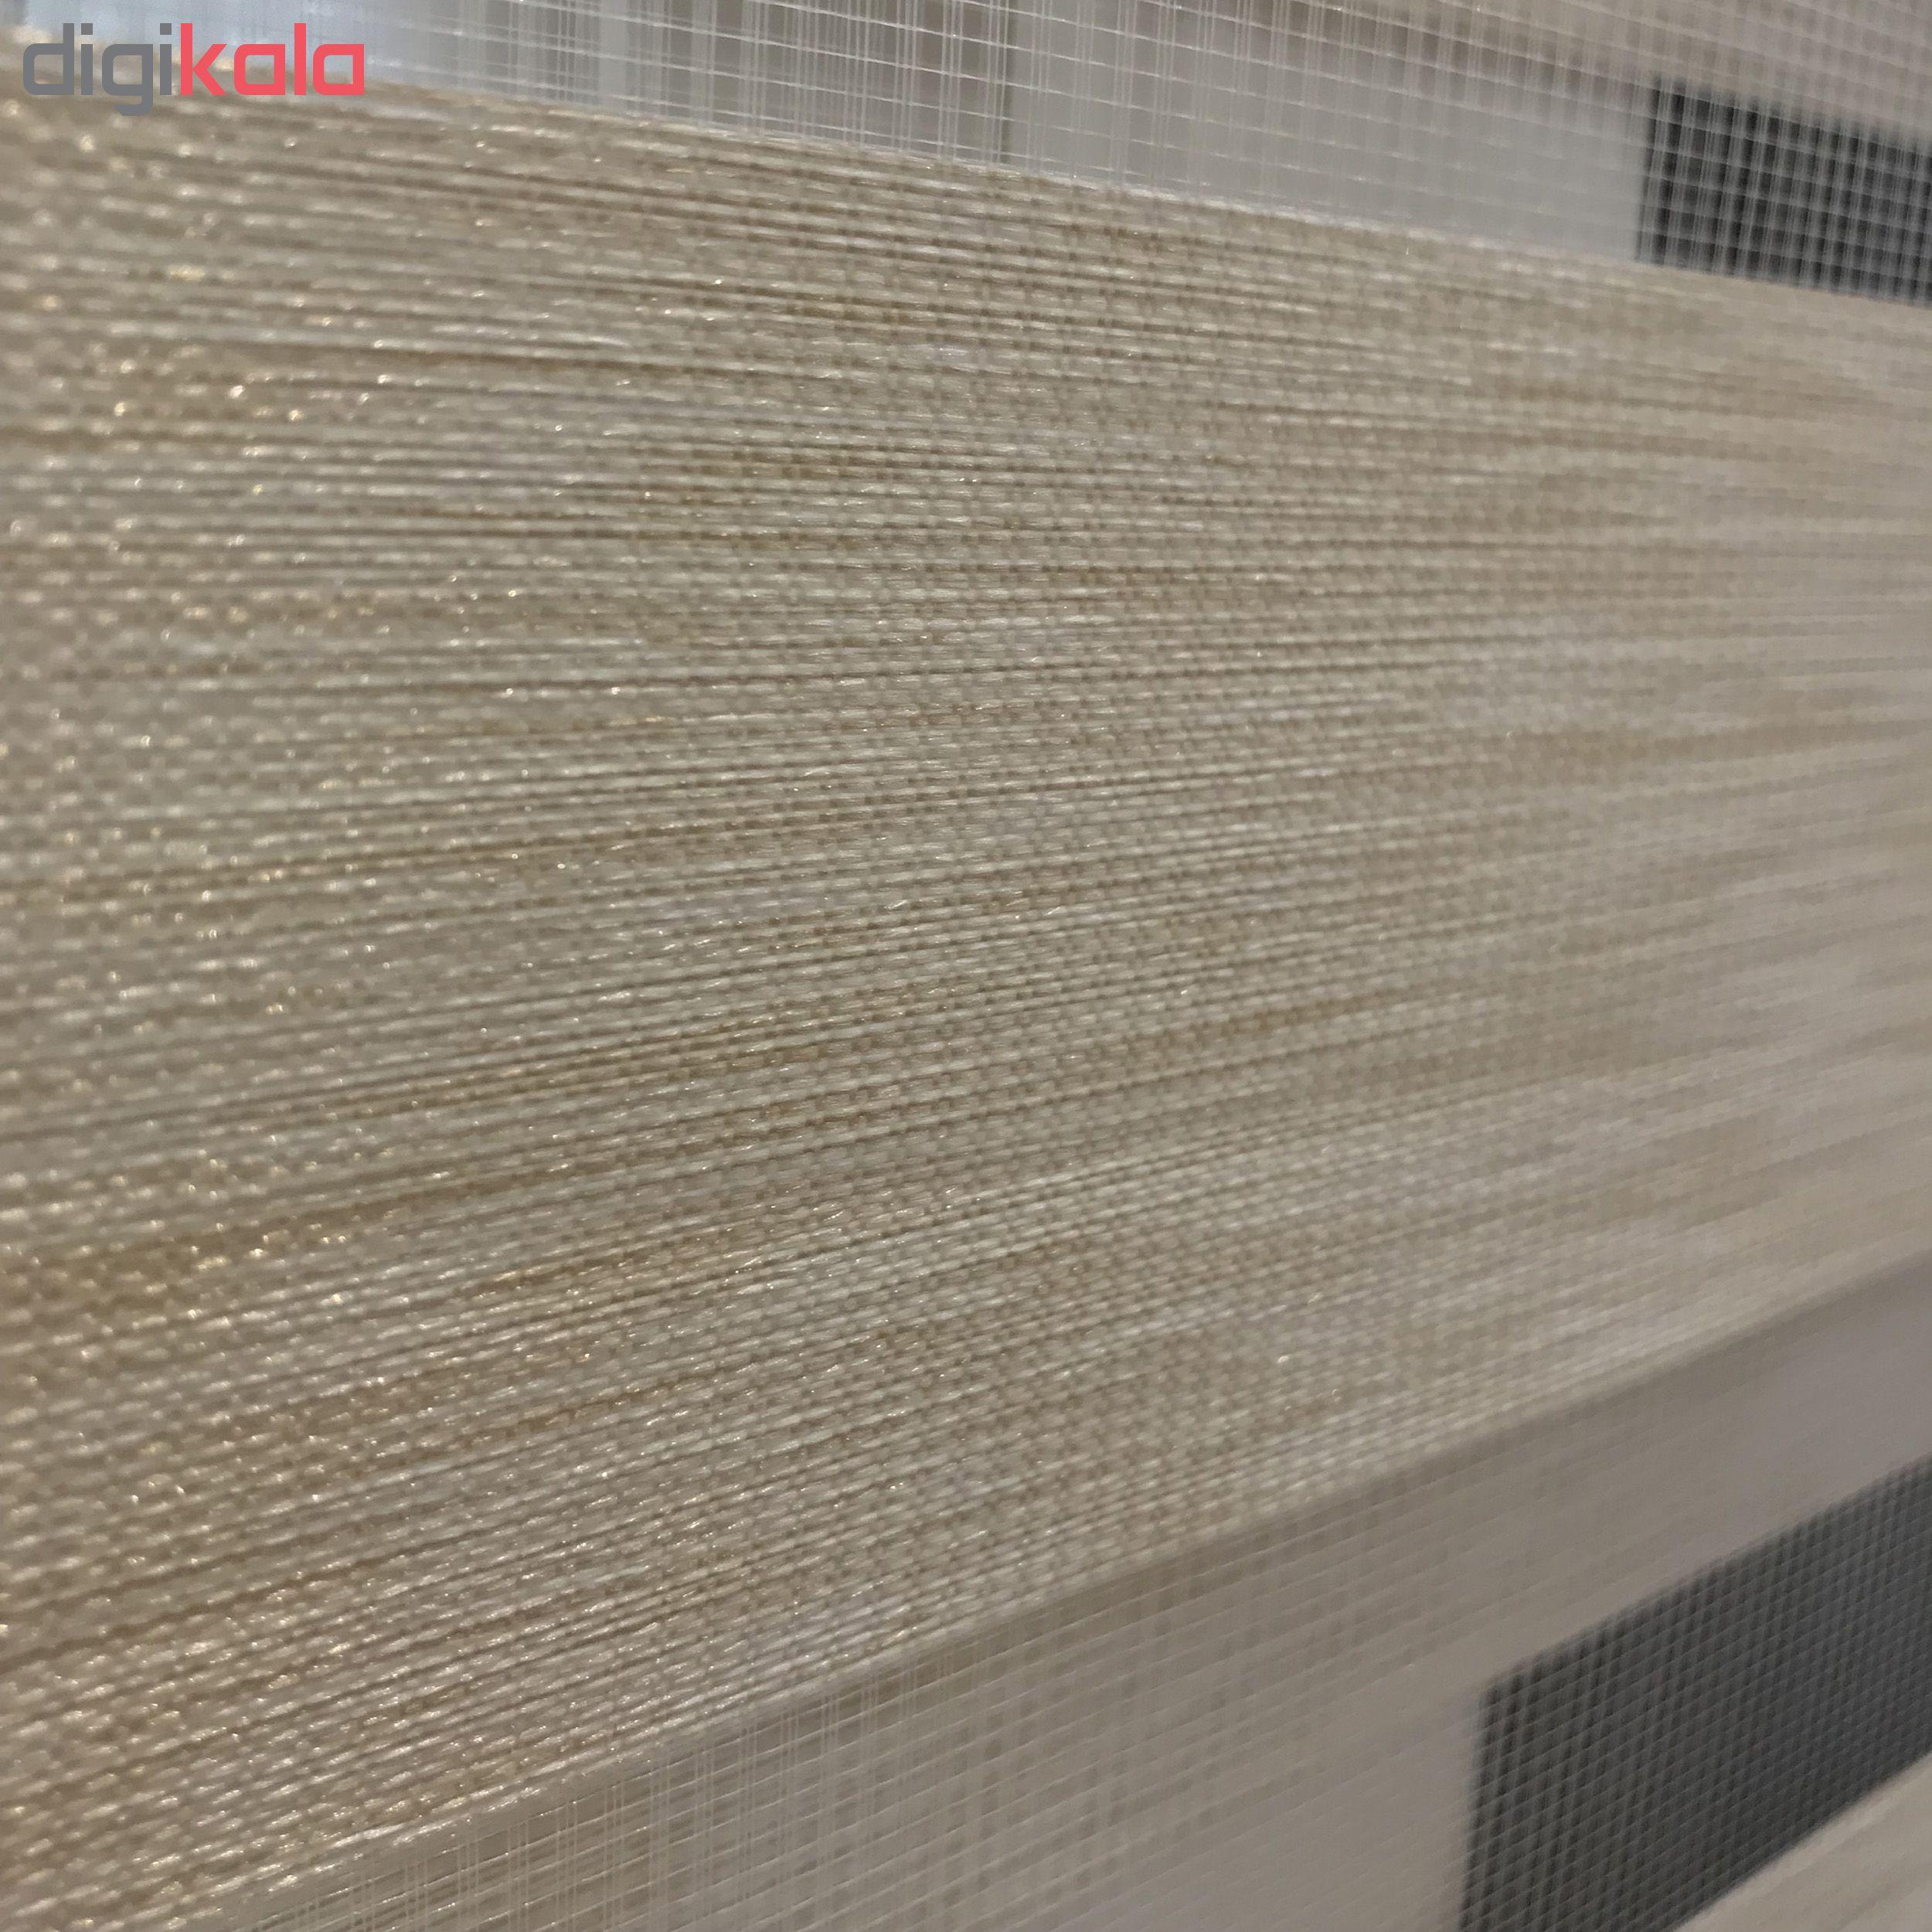 پرده زبرا مدل M101 سایز 200x0 سانتی متر